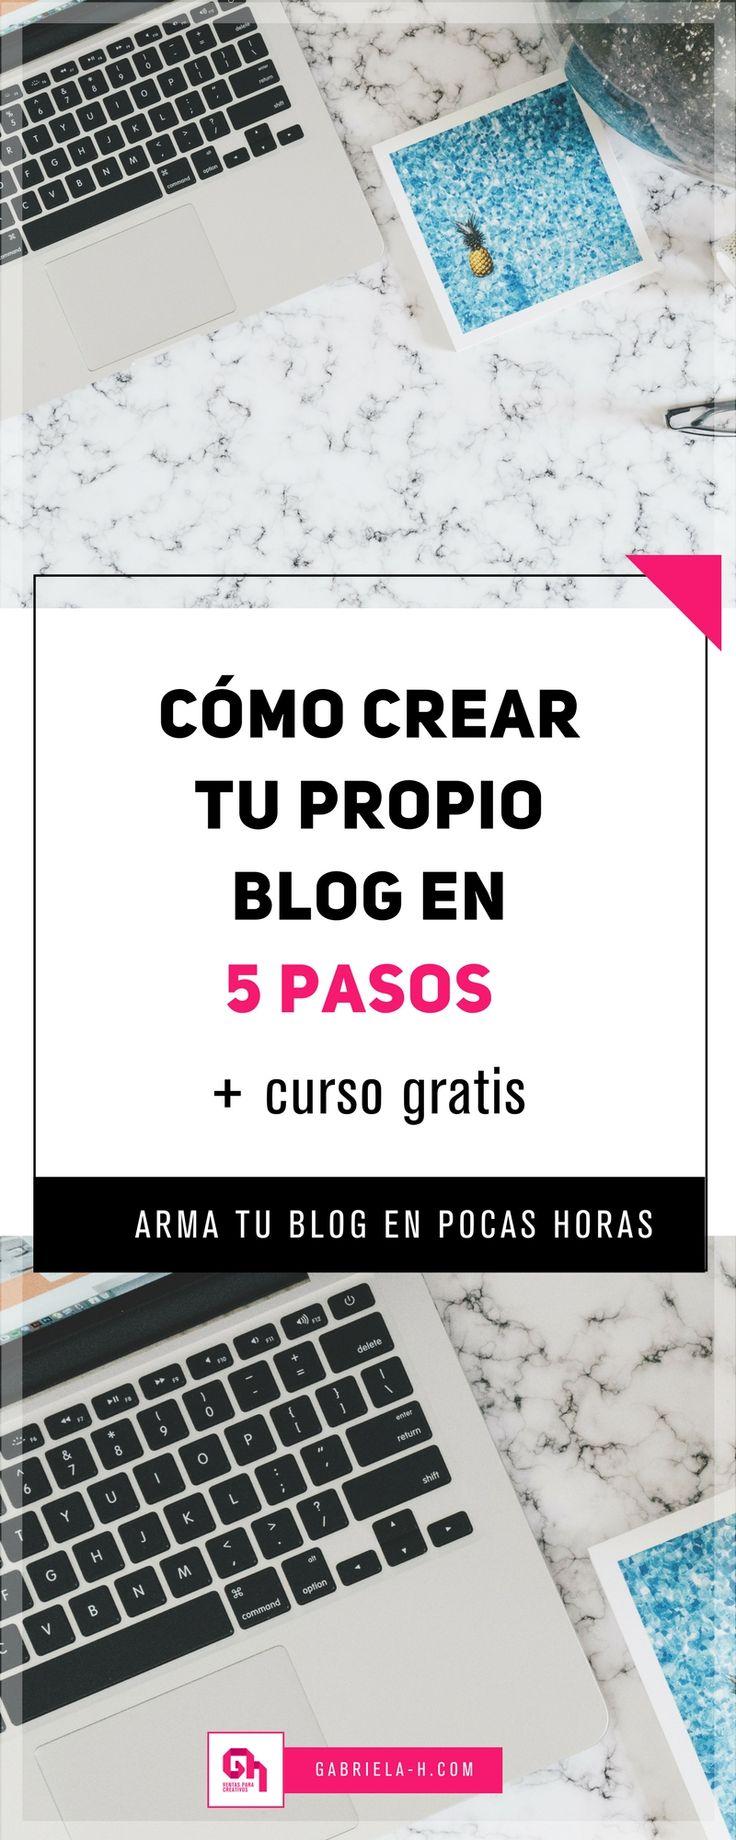 Al fin te decidiste a hacerte un blog, ¿eh? En este post te comparto un tutorial simple con el que podrás crear tu blog siguiendo 5 pasos. https://www.gabriela-h.com/blog/blog-en-5 #emprendedoras #mujeresemprendedoras #bloggingtips #wordpress